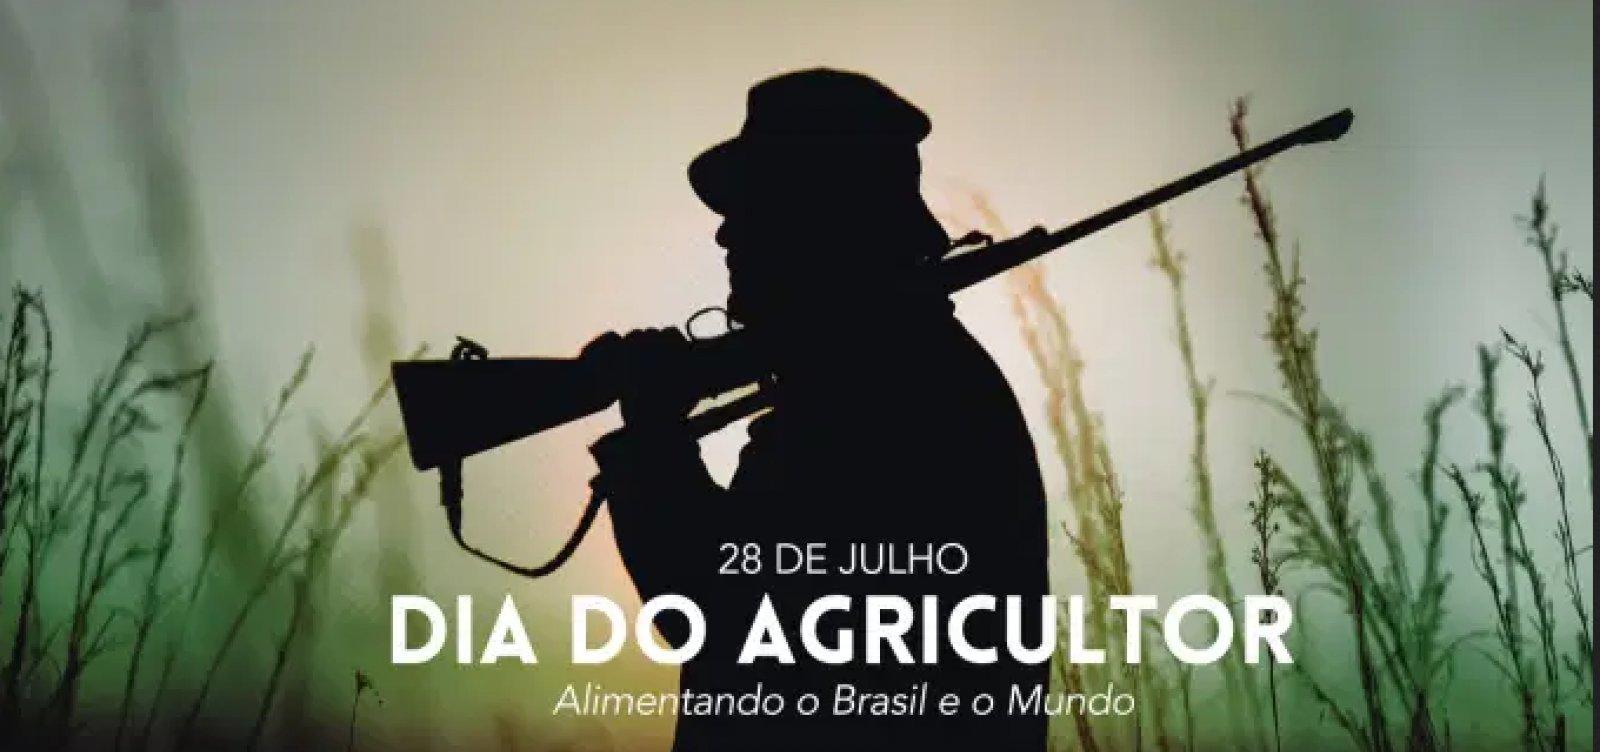 Com foto de homem armado, governo Bolsonaro faz homenagem ao Dia do Agricultor